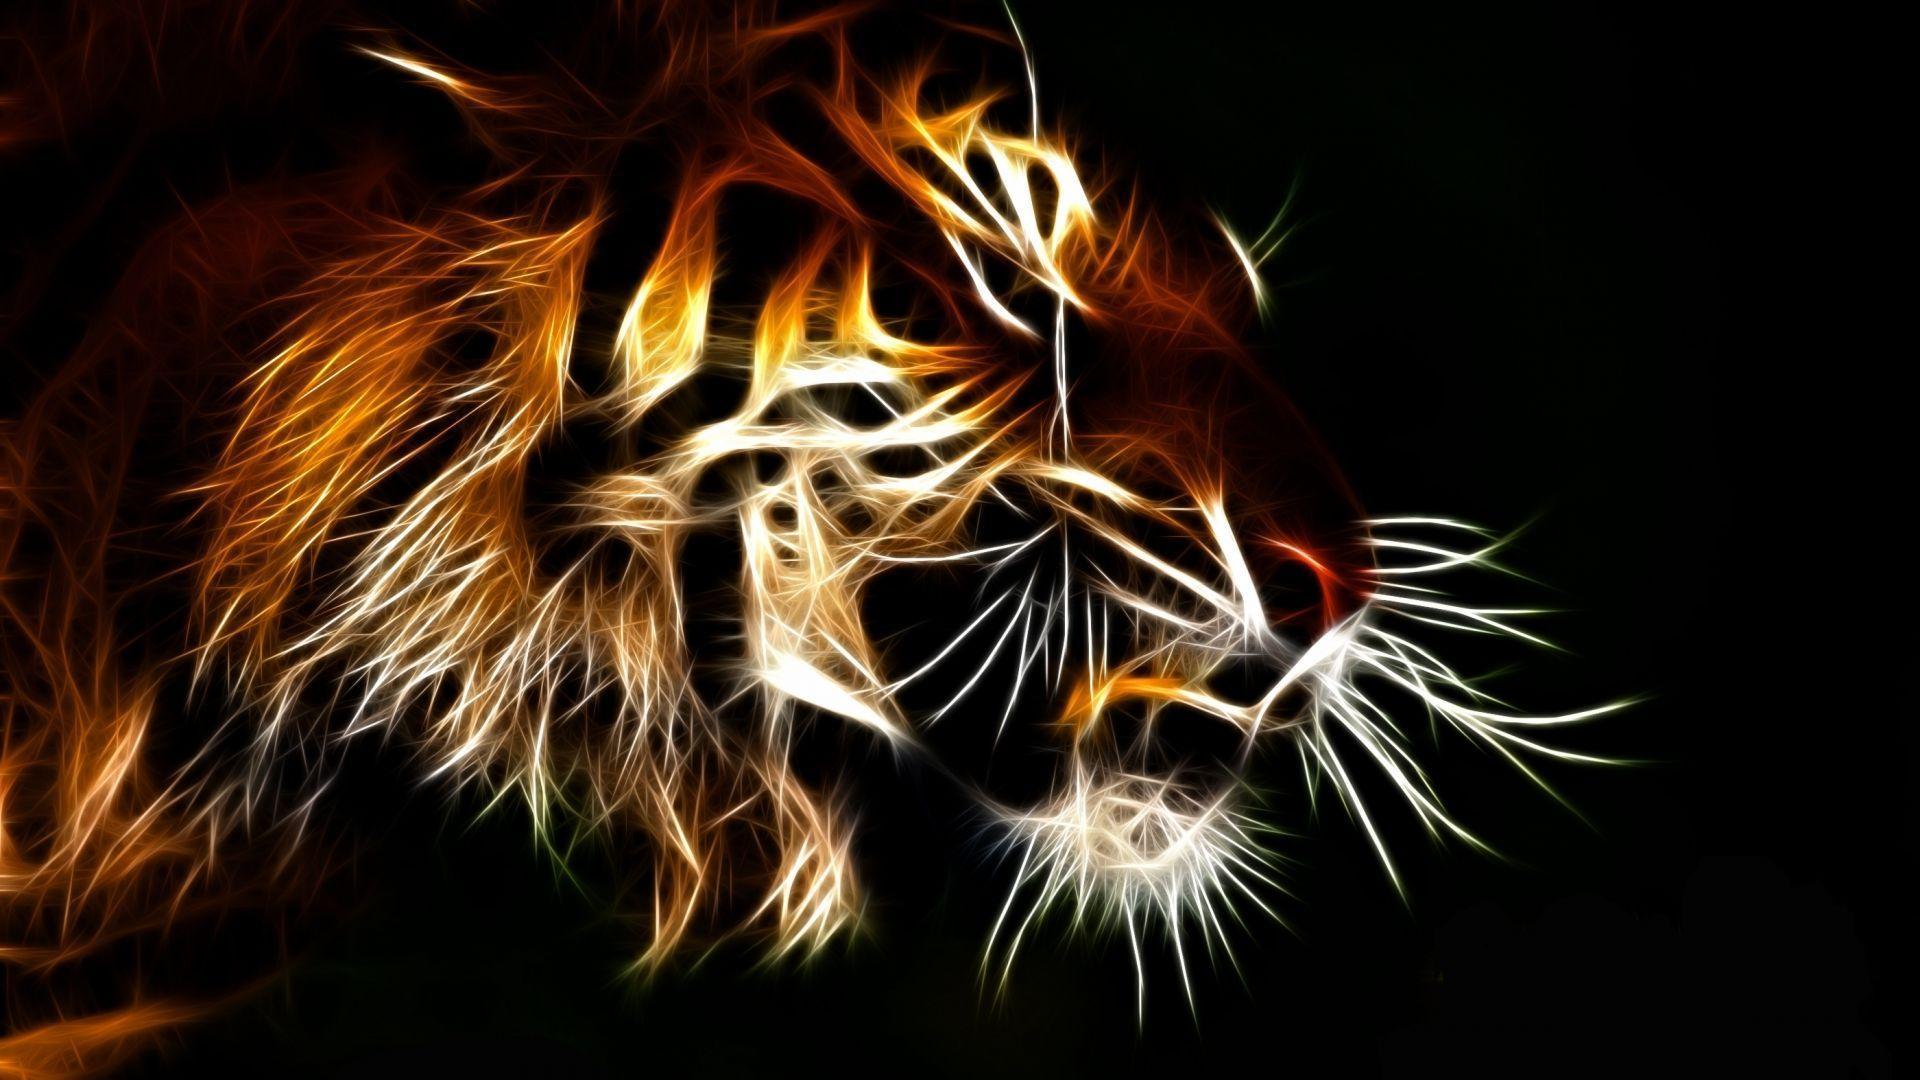 tiger art wallpaper 20528 - baltana